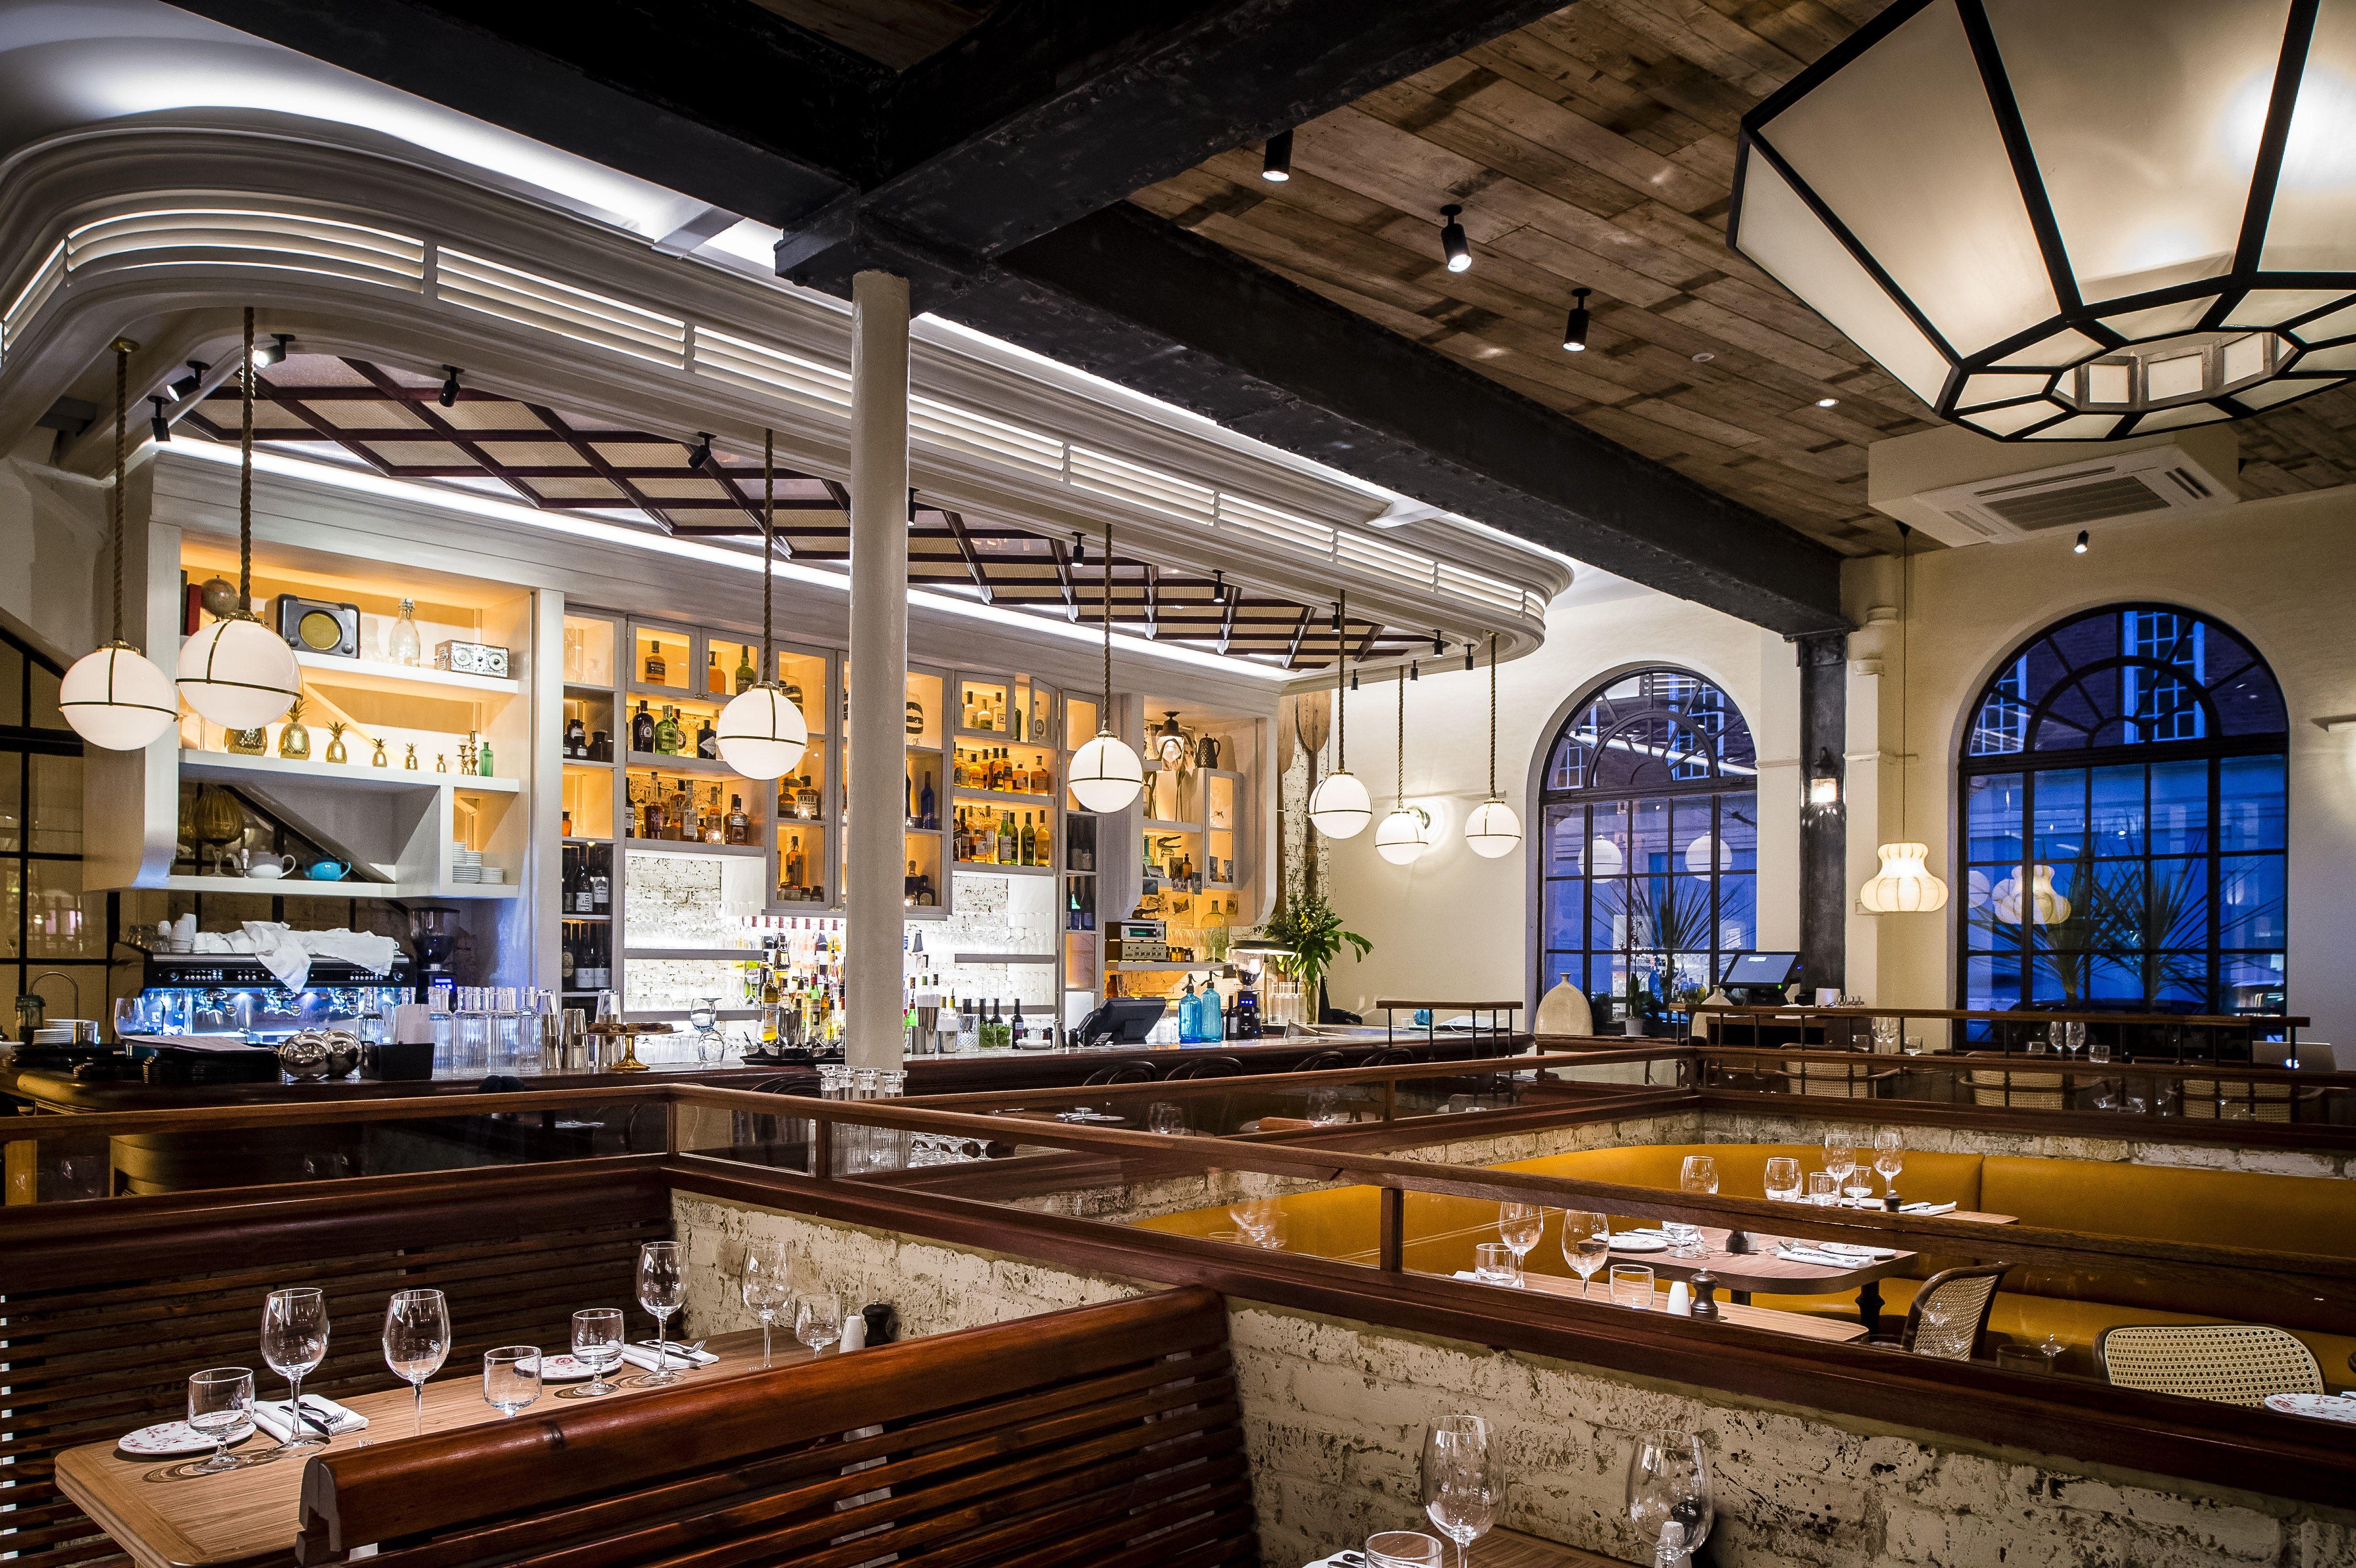 Best Restaurants For Birthday Dinners In London Best Restaurants For Groups